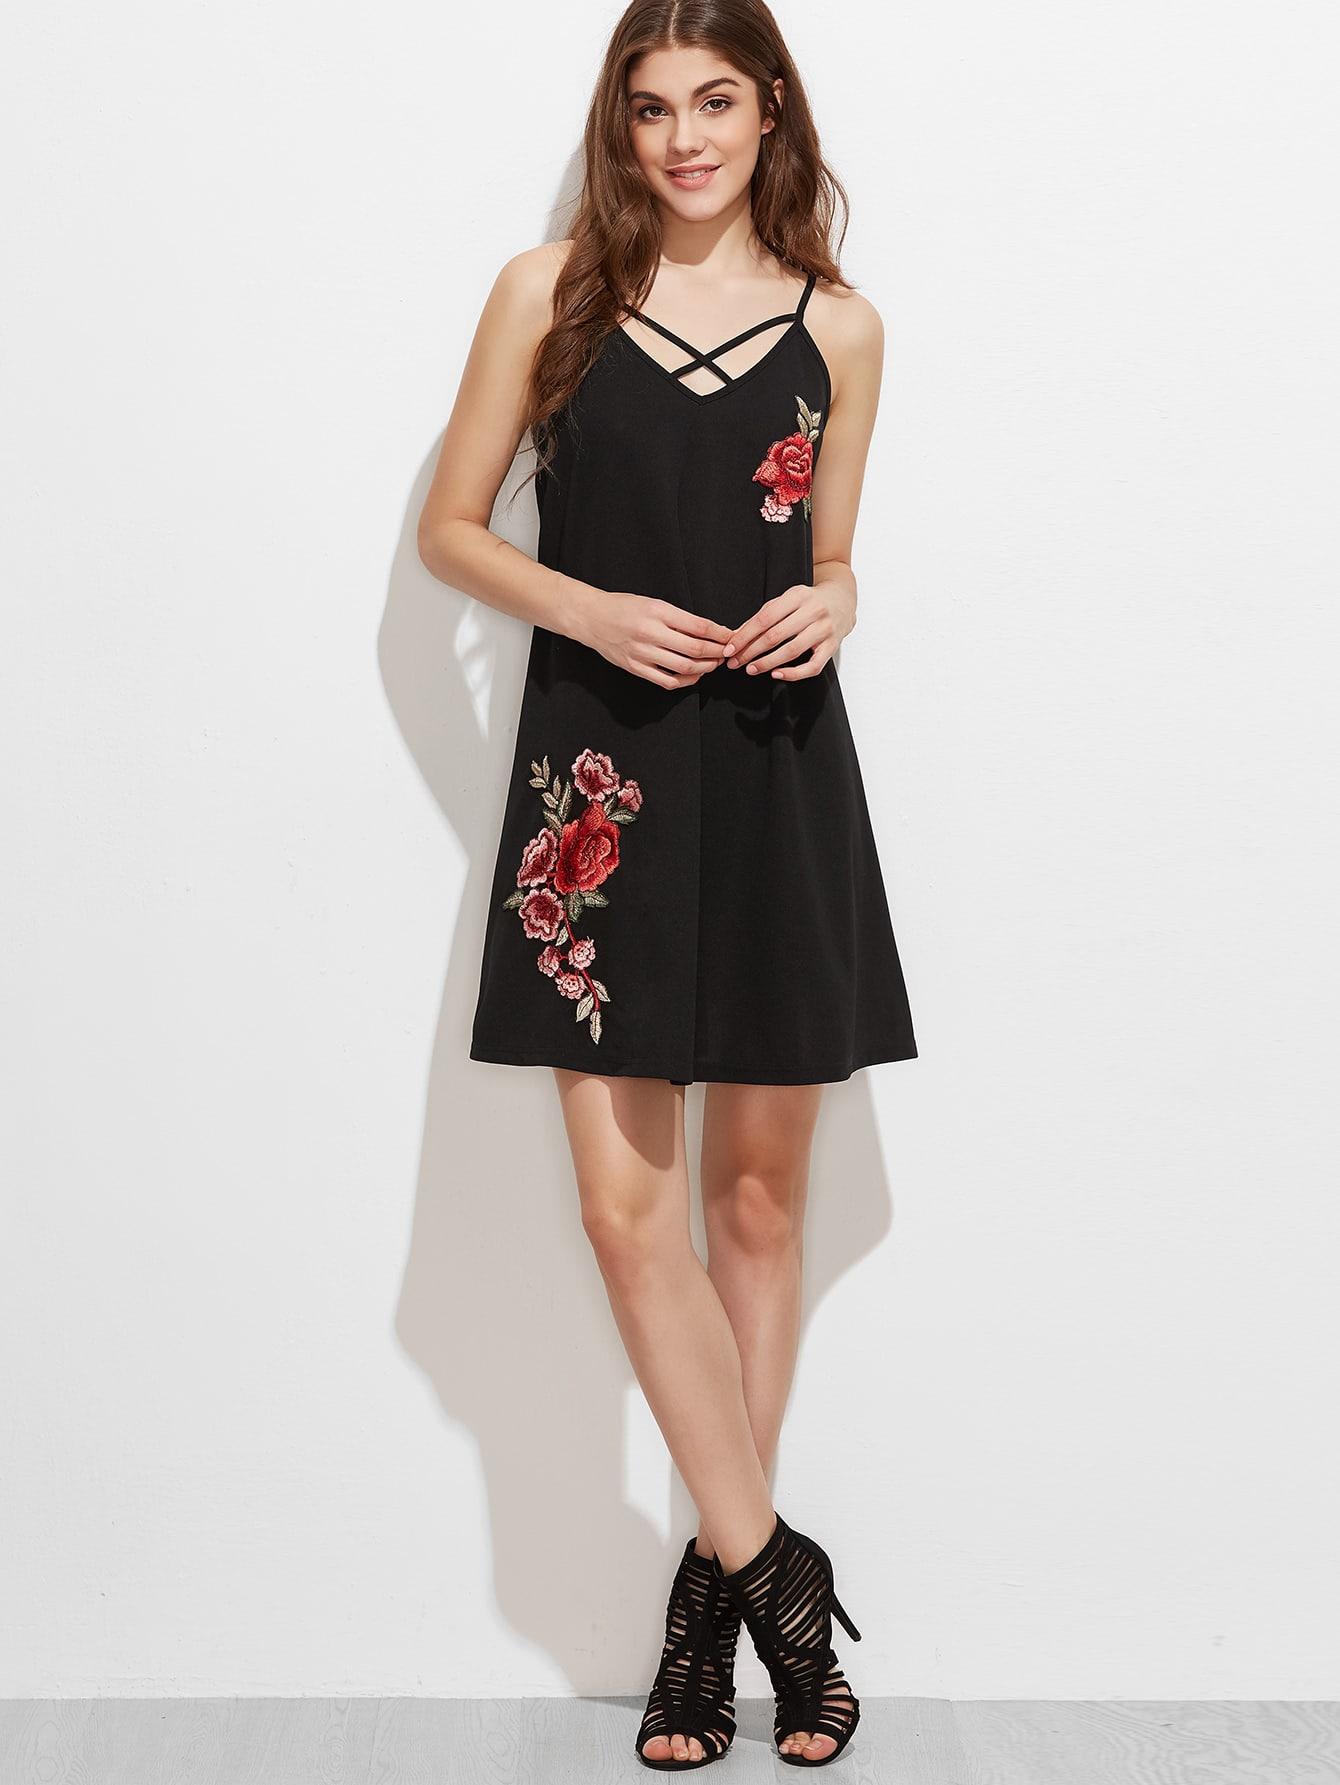 dress161209704_2